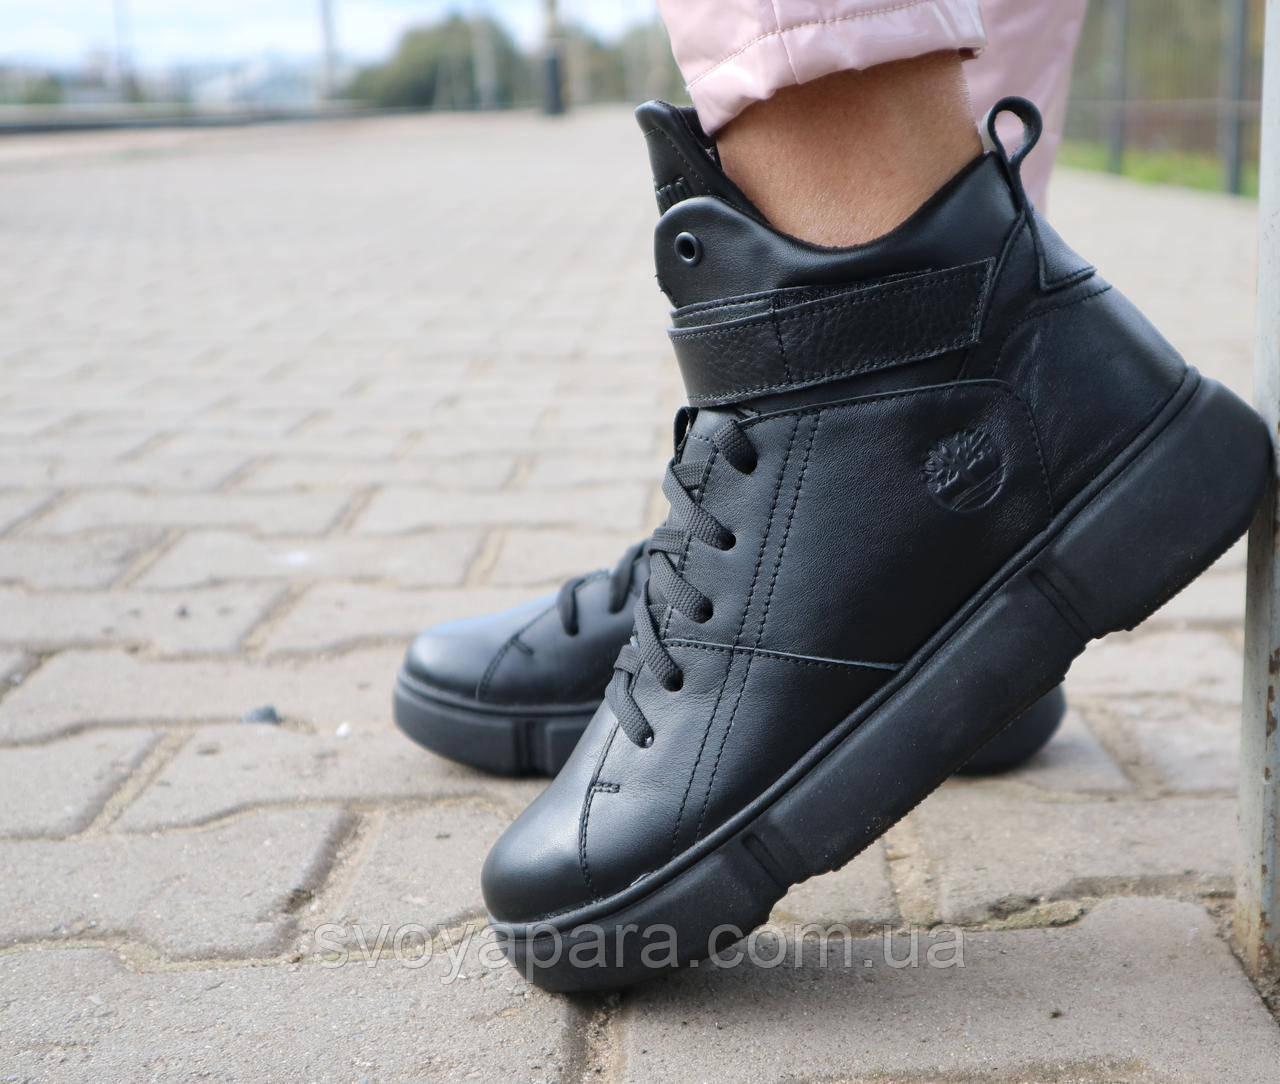 Женские ботинки кожаные зимние черные Road-style БС105-01К